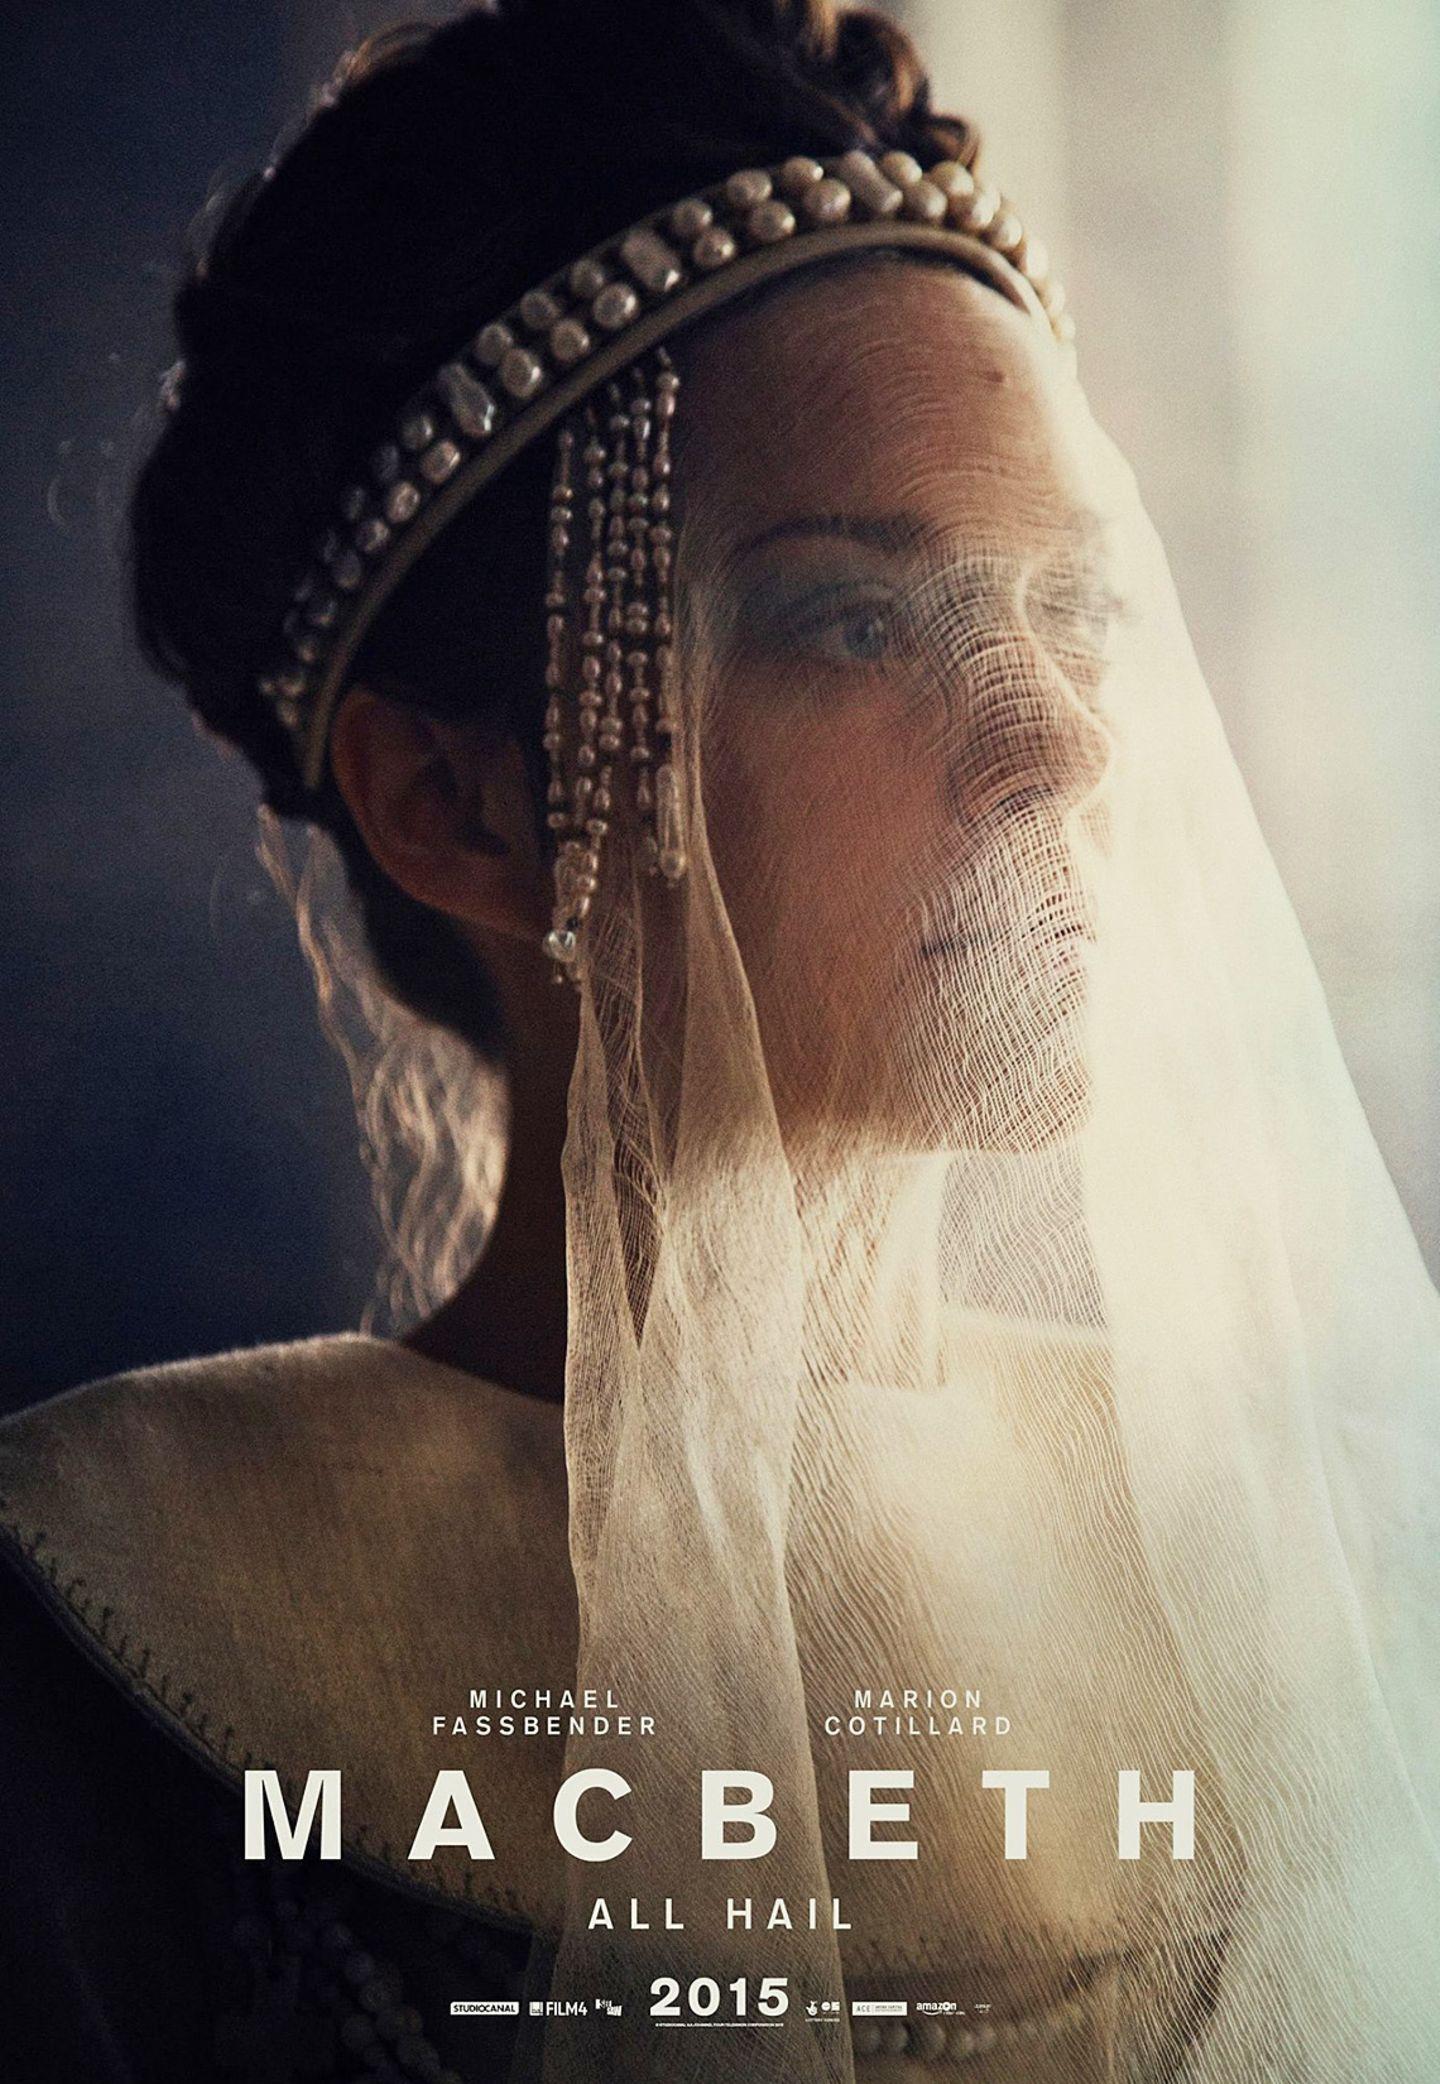 """Marion Cotillard spielt in der Verfilmung des Klassikers von William Shakespeare die durchtriebene und skrupellose """"Lady Macbeth"""". Auch wenn sie Weiß trägt, täuschen die Kleider nicht über ihre wahren Machenschaften hinweg."""